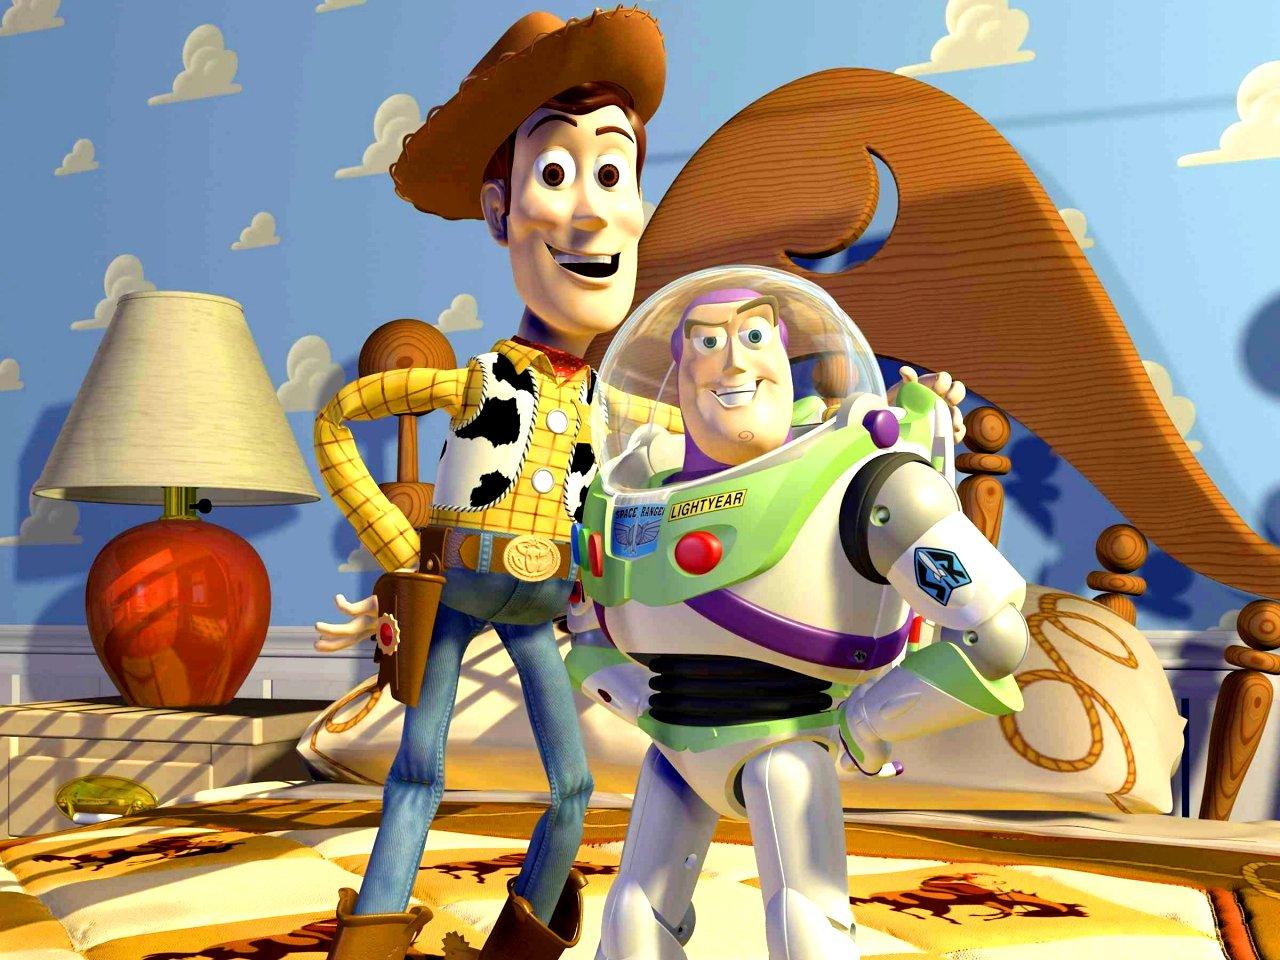 Cine en conserva toy story vuestra pel cula favorita de pixar - Cochon de toy story ...